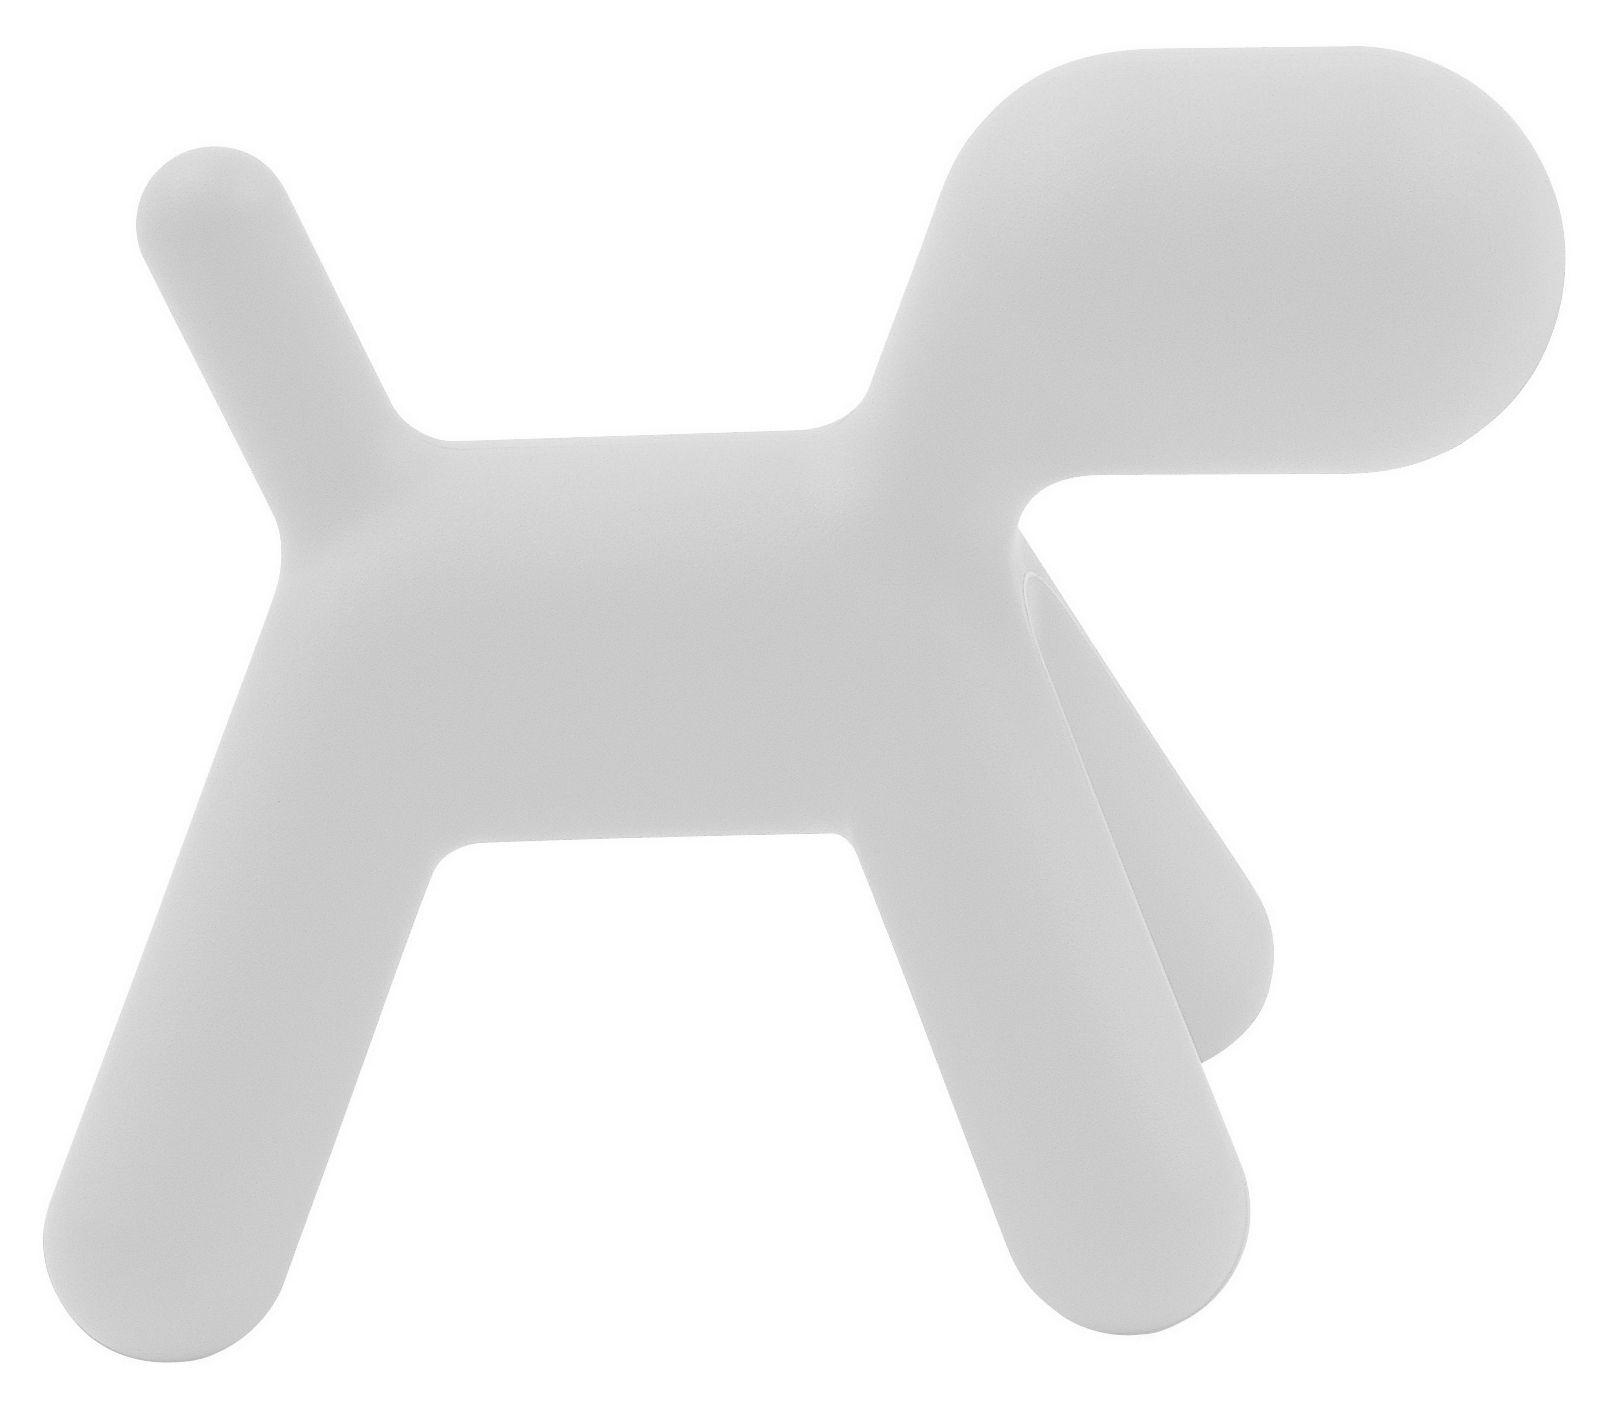 Arredamento - Mobili per bambini - Sedia per bambino Puppy Extra Large di Magis Collection Me Too - Bianco XL - Polietilene